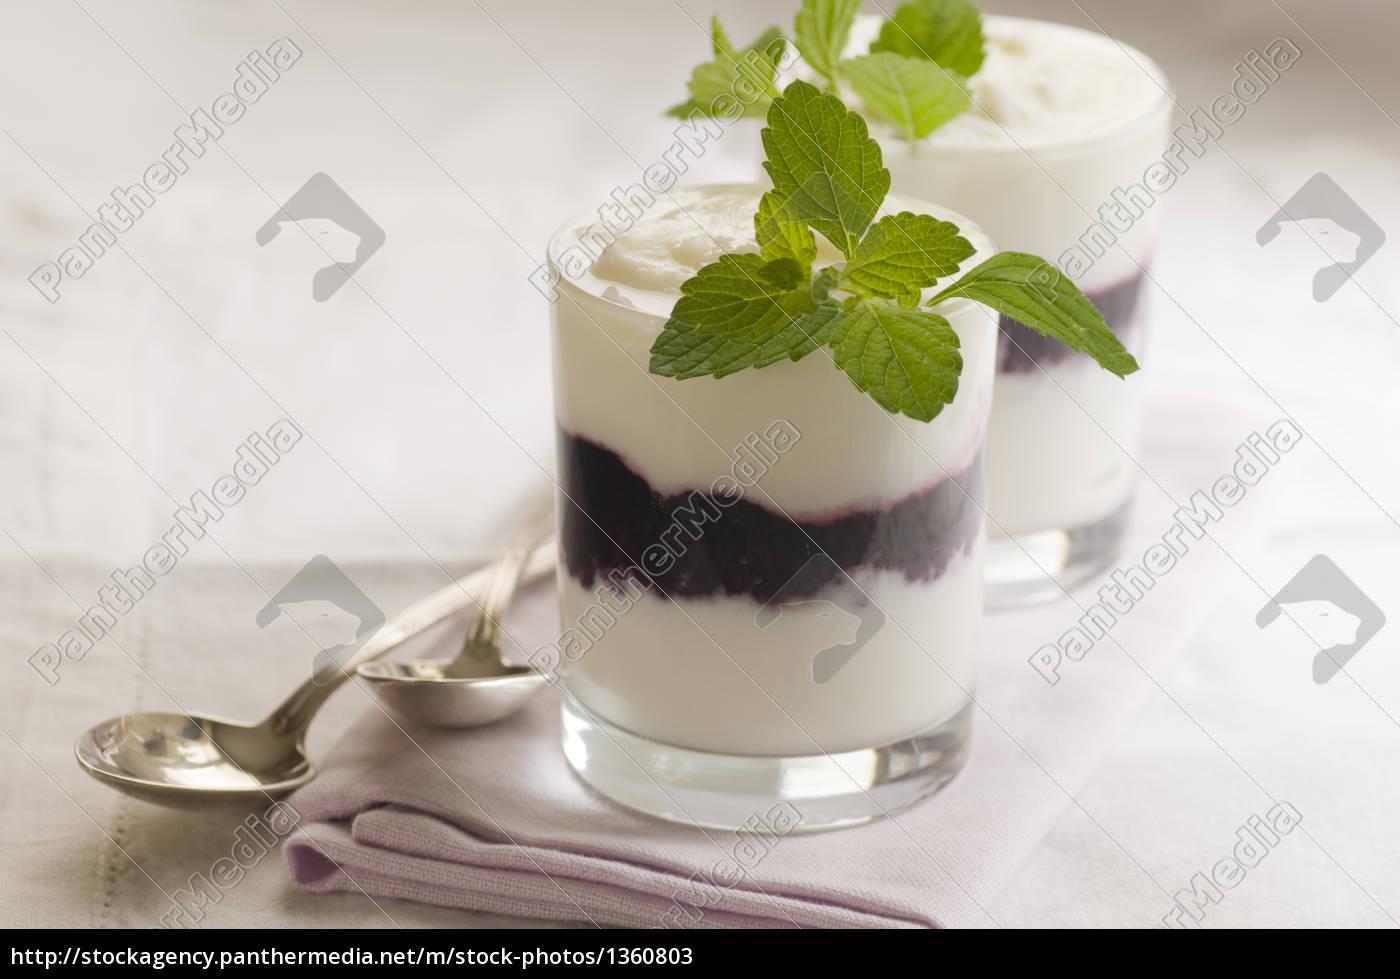 quark-dessert - 1360803